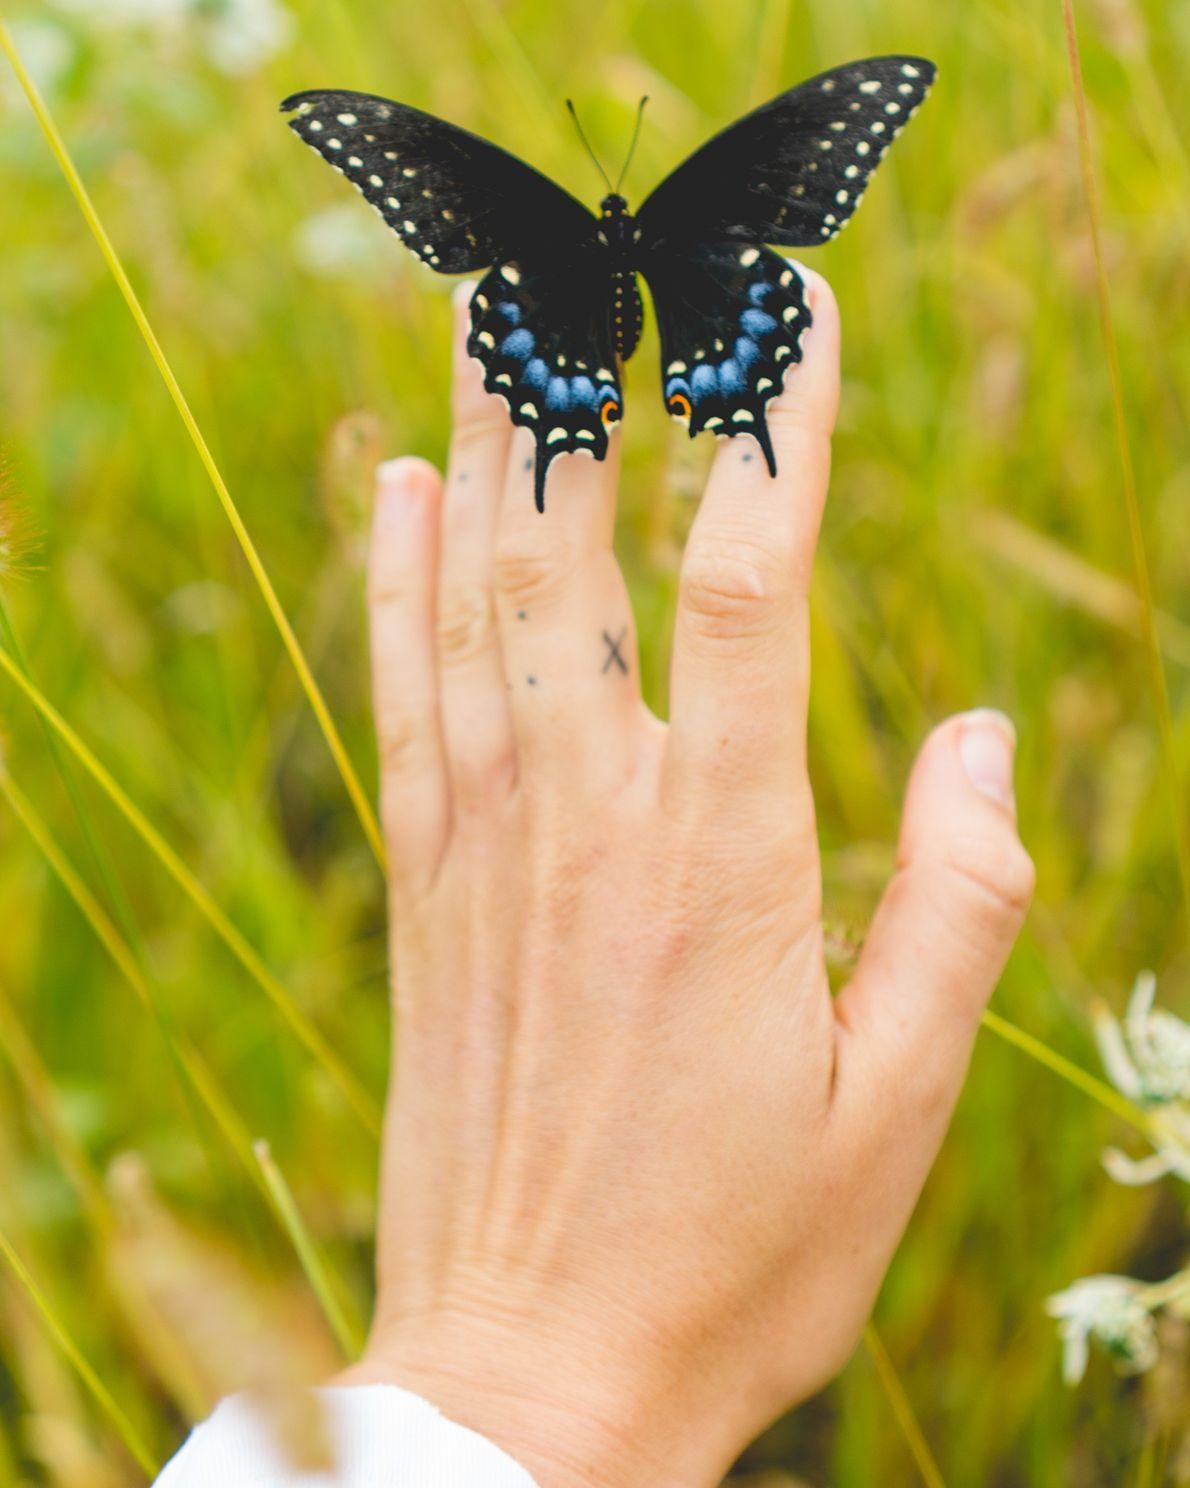 Un papillon du céleri se pose sur la main de la photographe Madeline Cass.